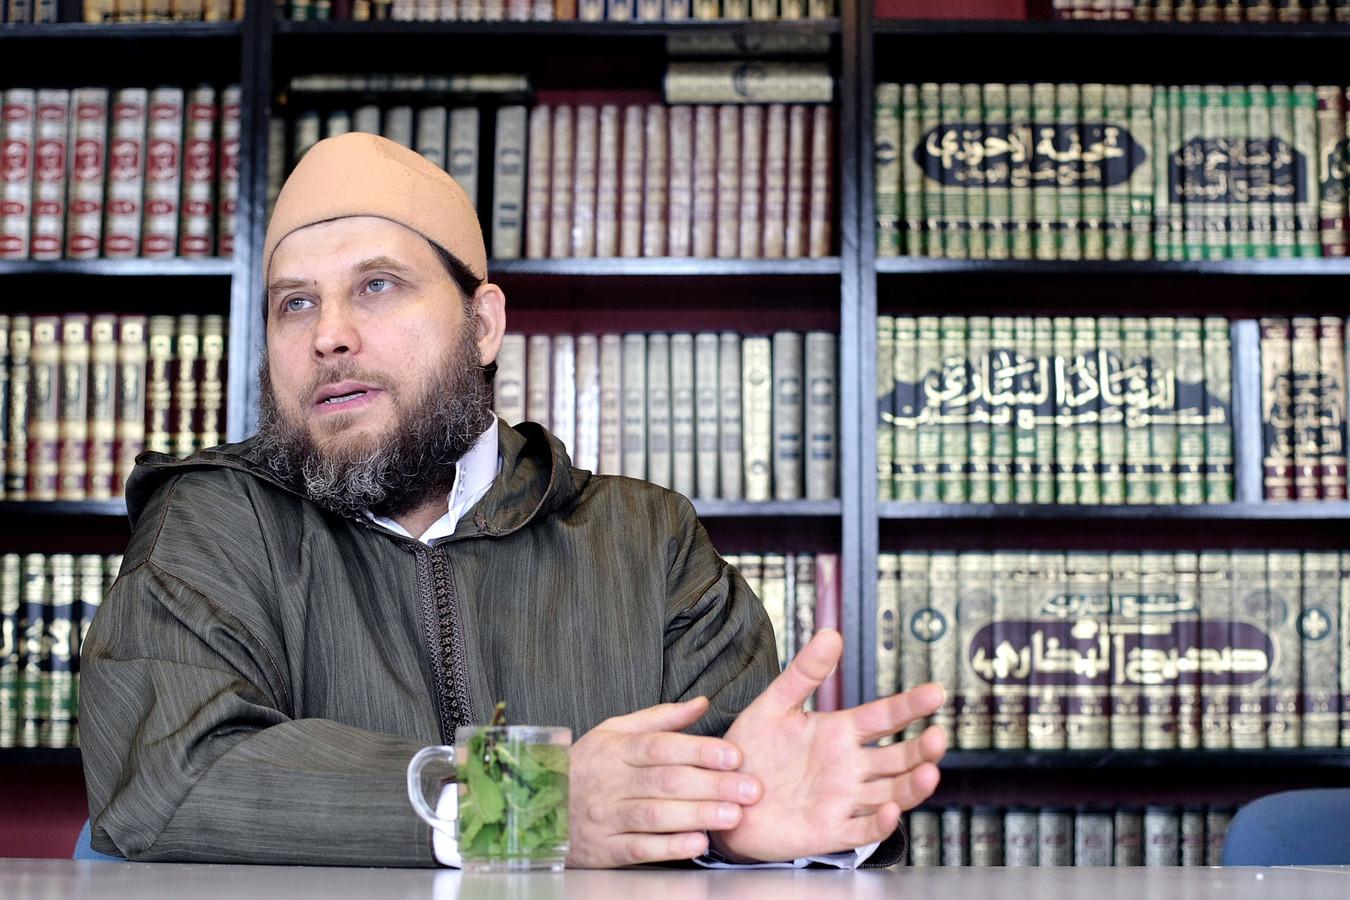 de Syrische imam Sjeik Fawaz Jneid in 2008